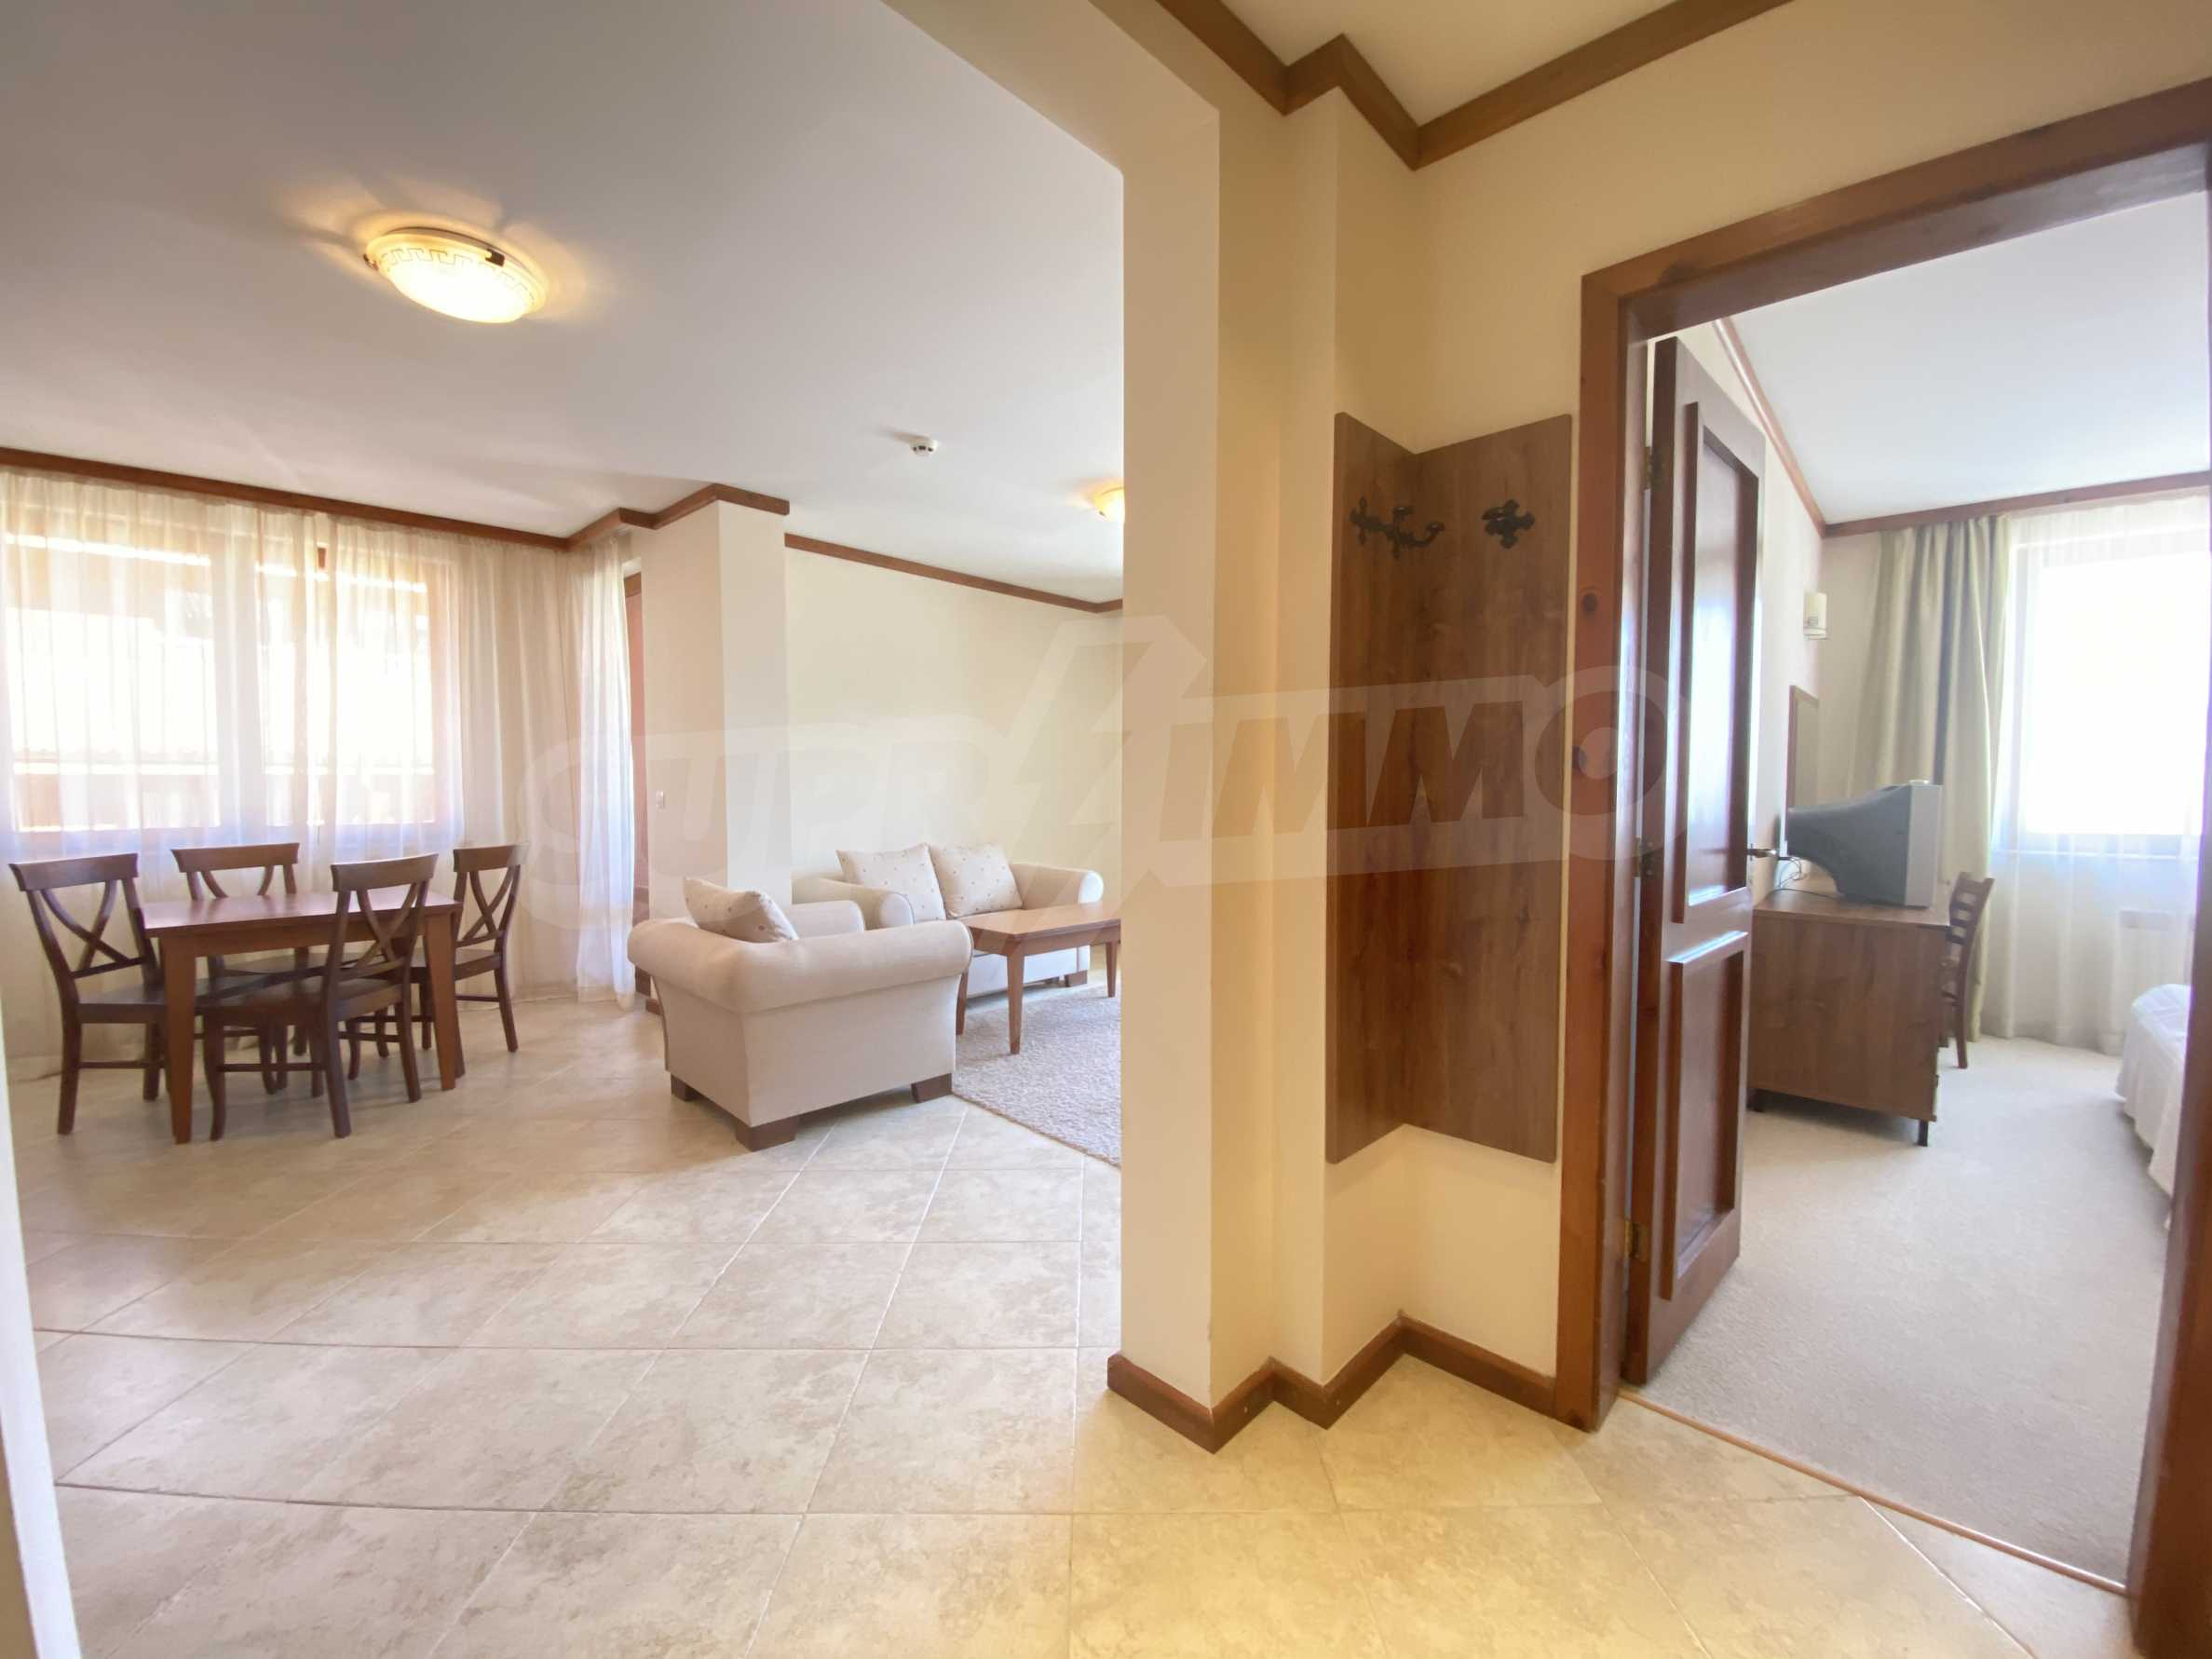 Обзаведен двустаен апартамент в луксозен СПА комплекс в Банско 7